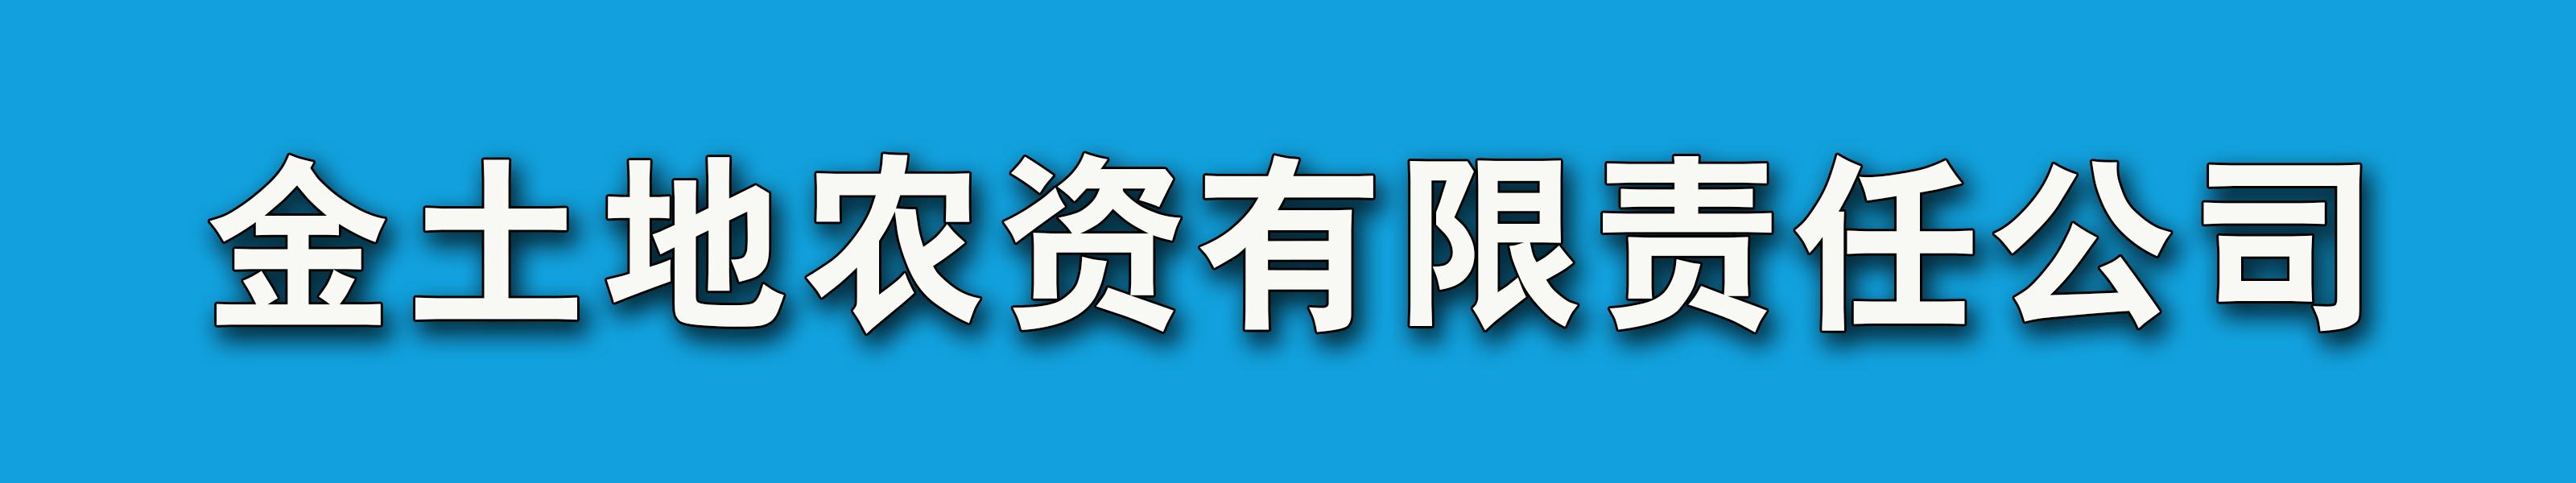 阿�s旗金土地�r�Y有限�任公司